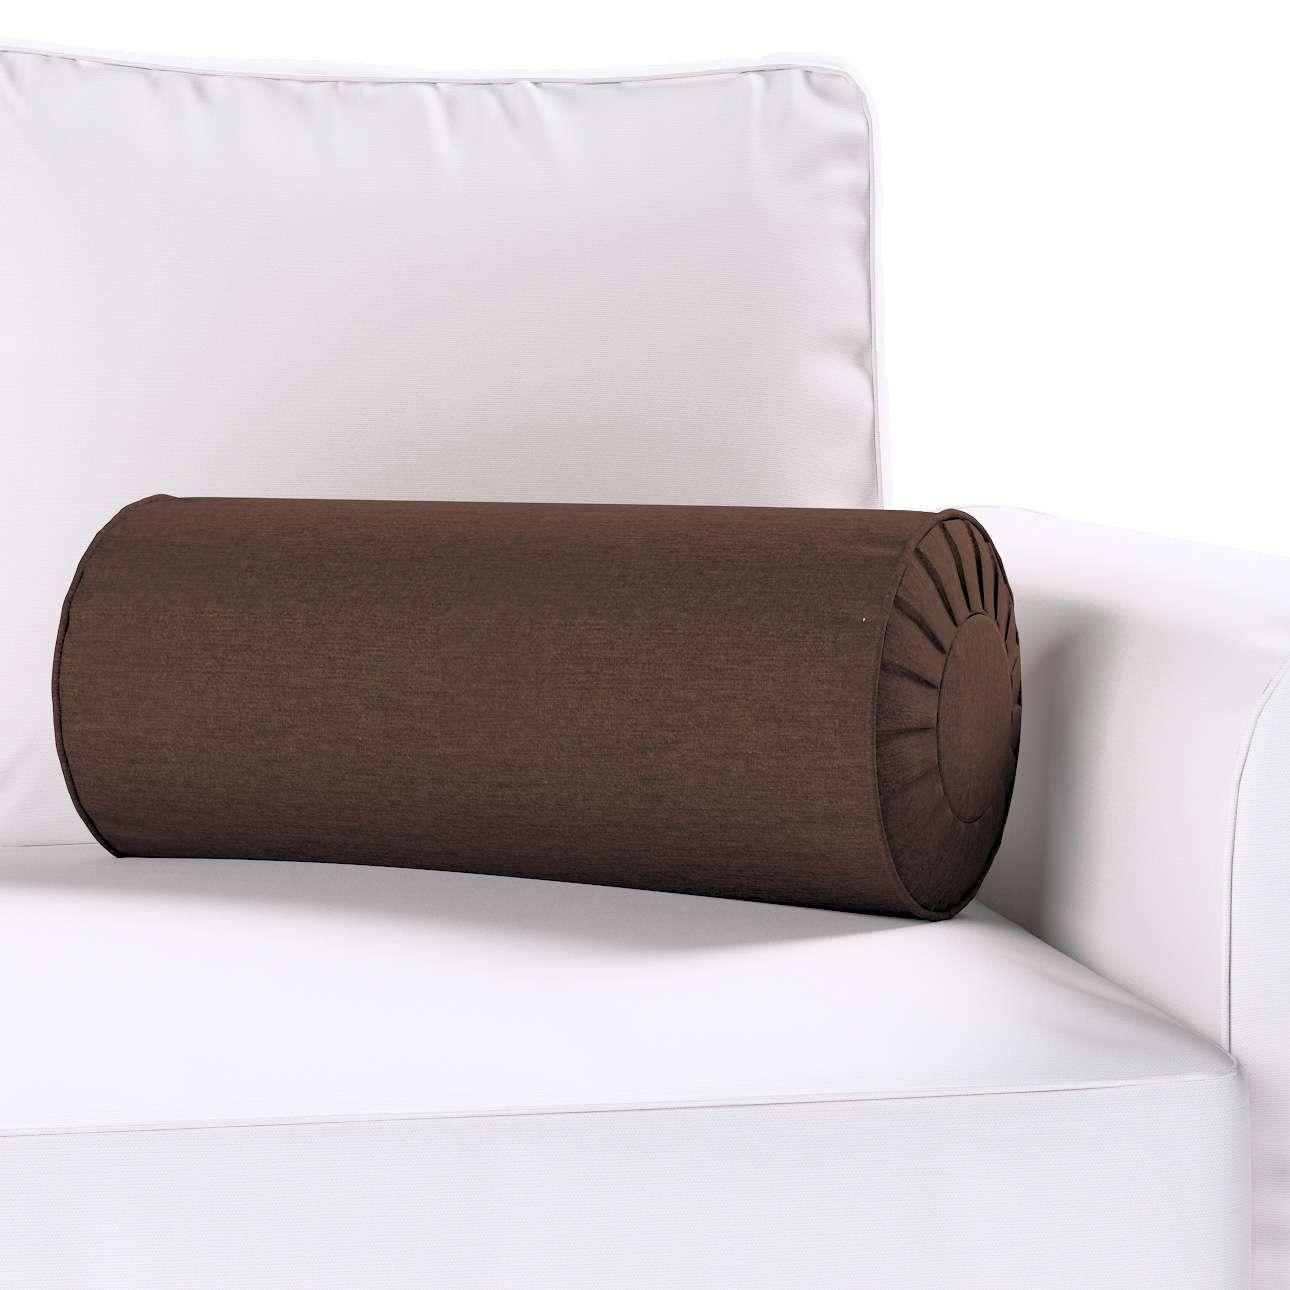 Poduszka wałek z zakładkami Ø 20 x 50 cm w kolekcji Chenille, tkanina: 702-18